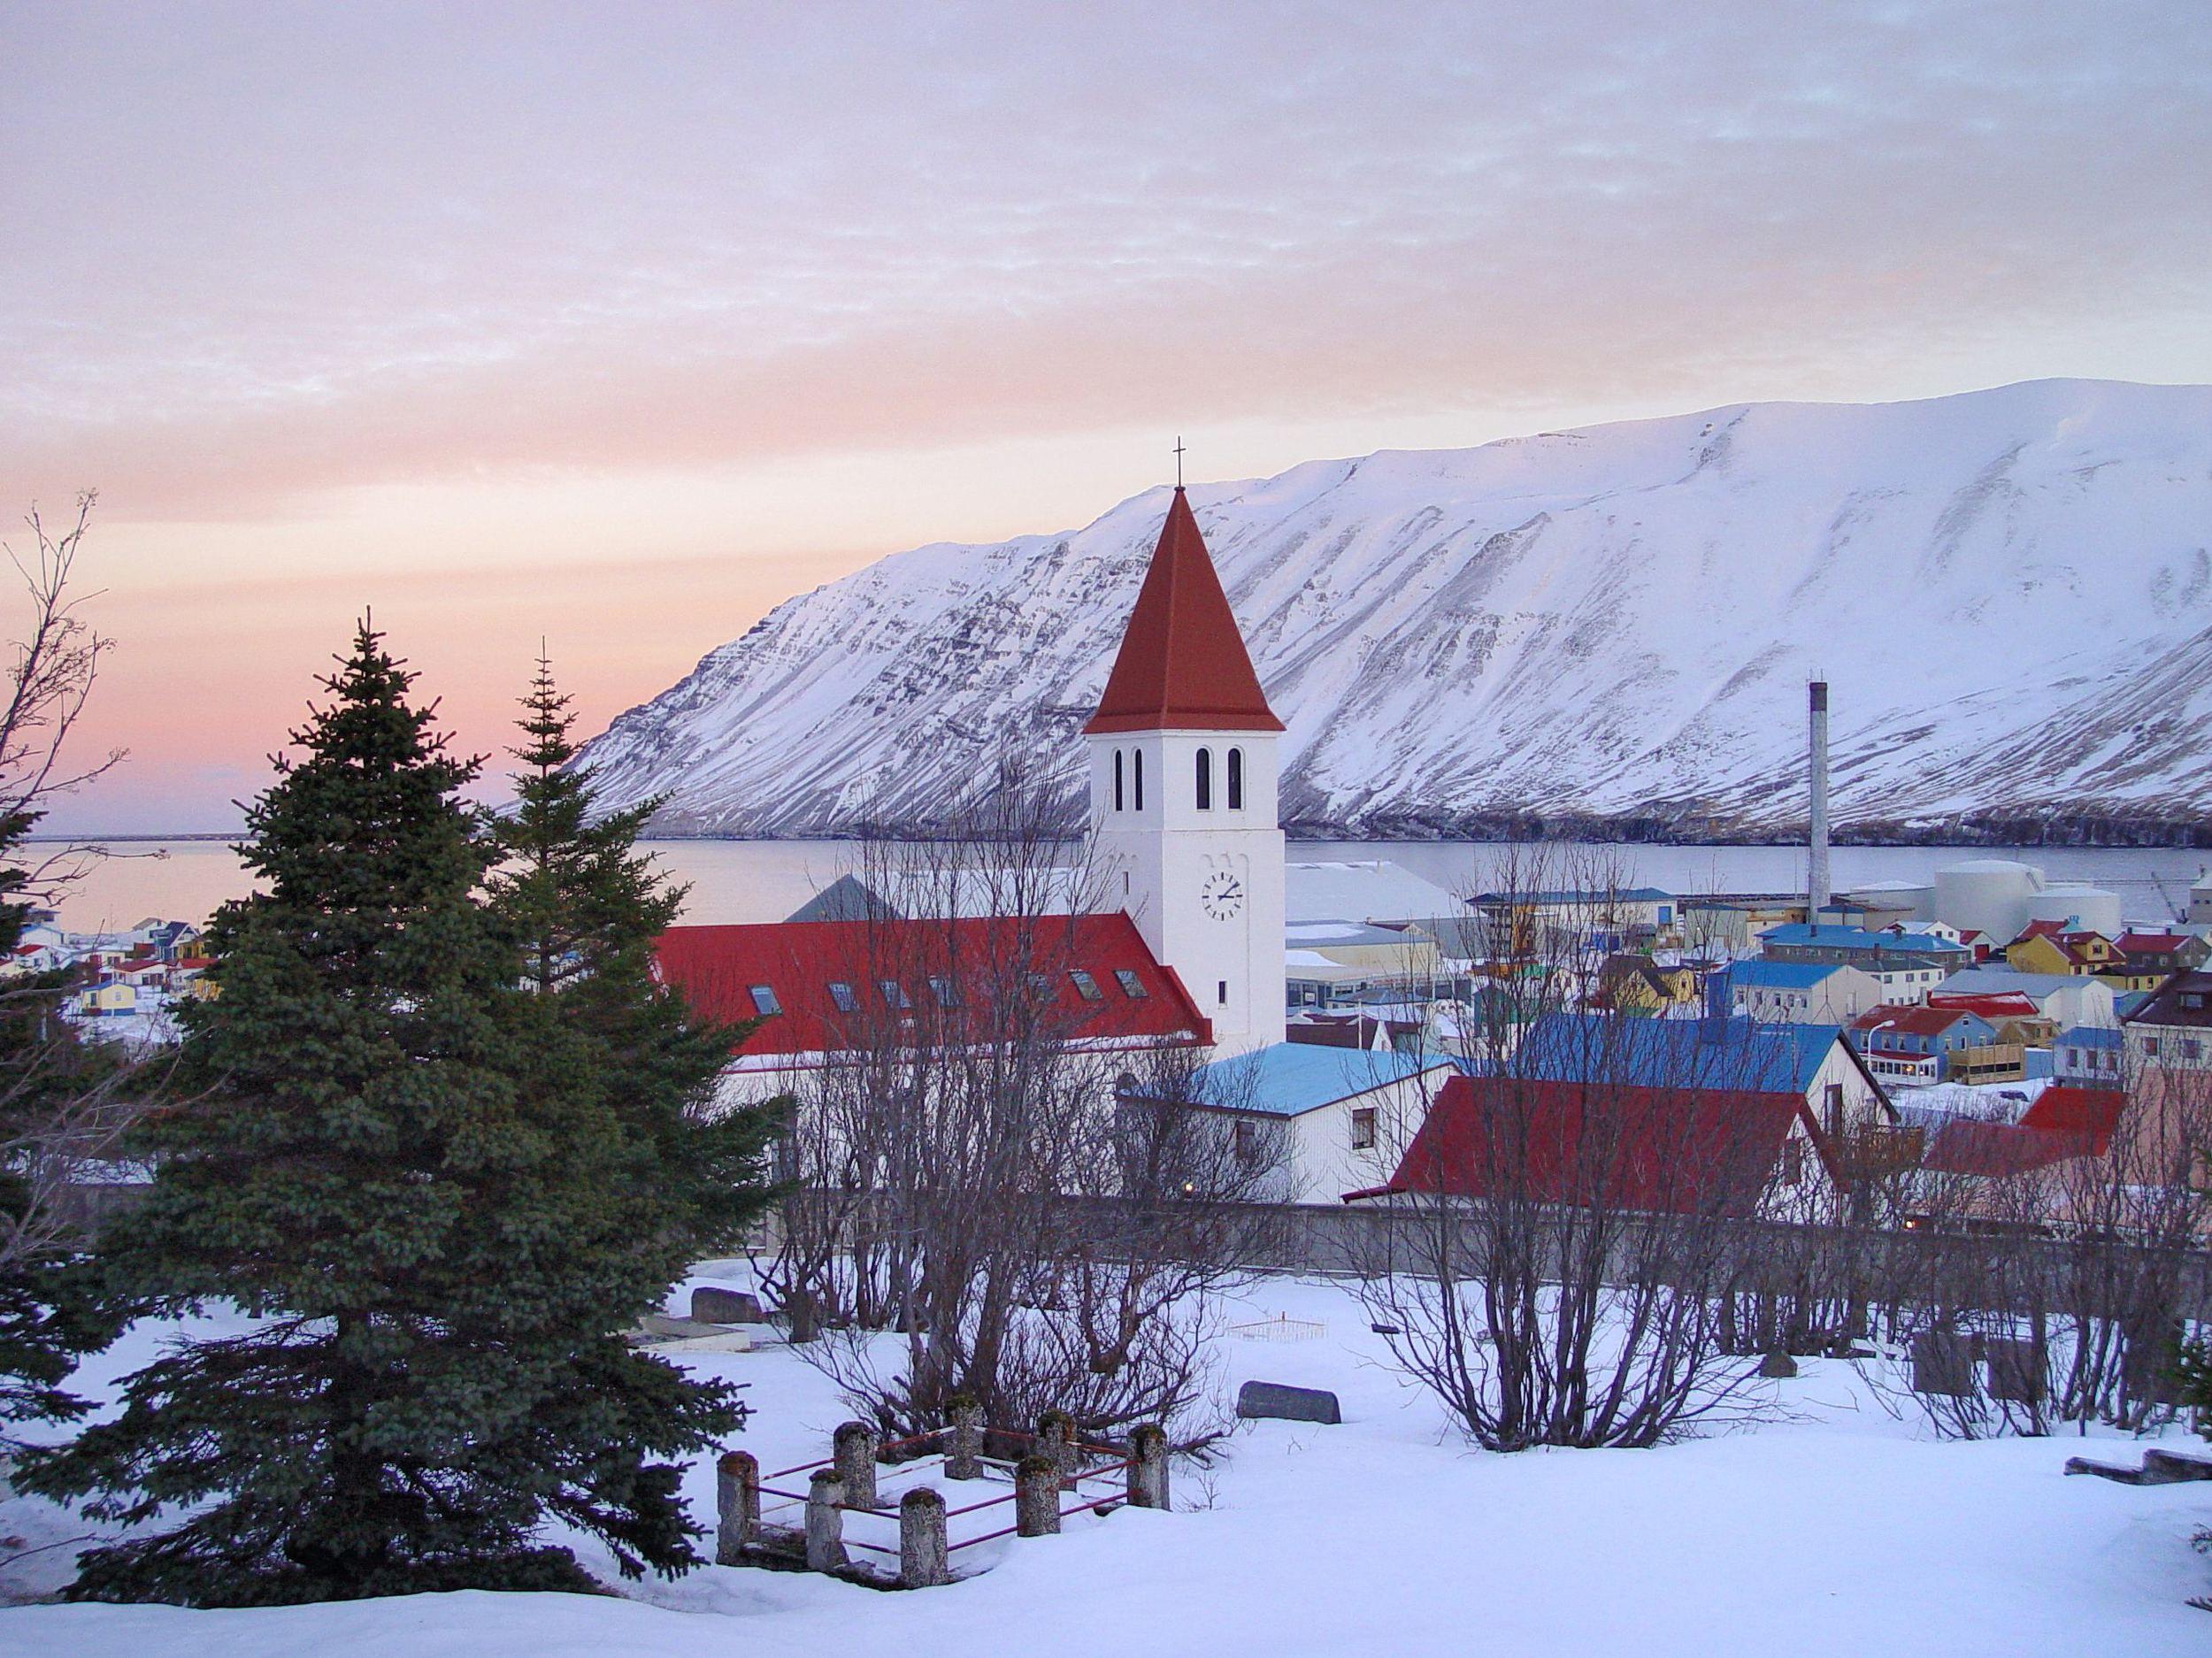 The town of Siglufjordur. Photo © Sigurður Ægisson